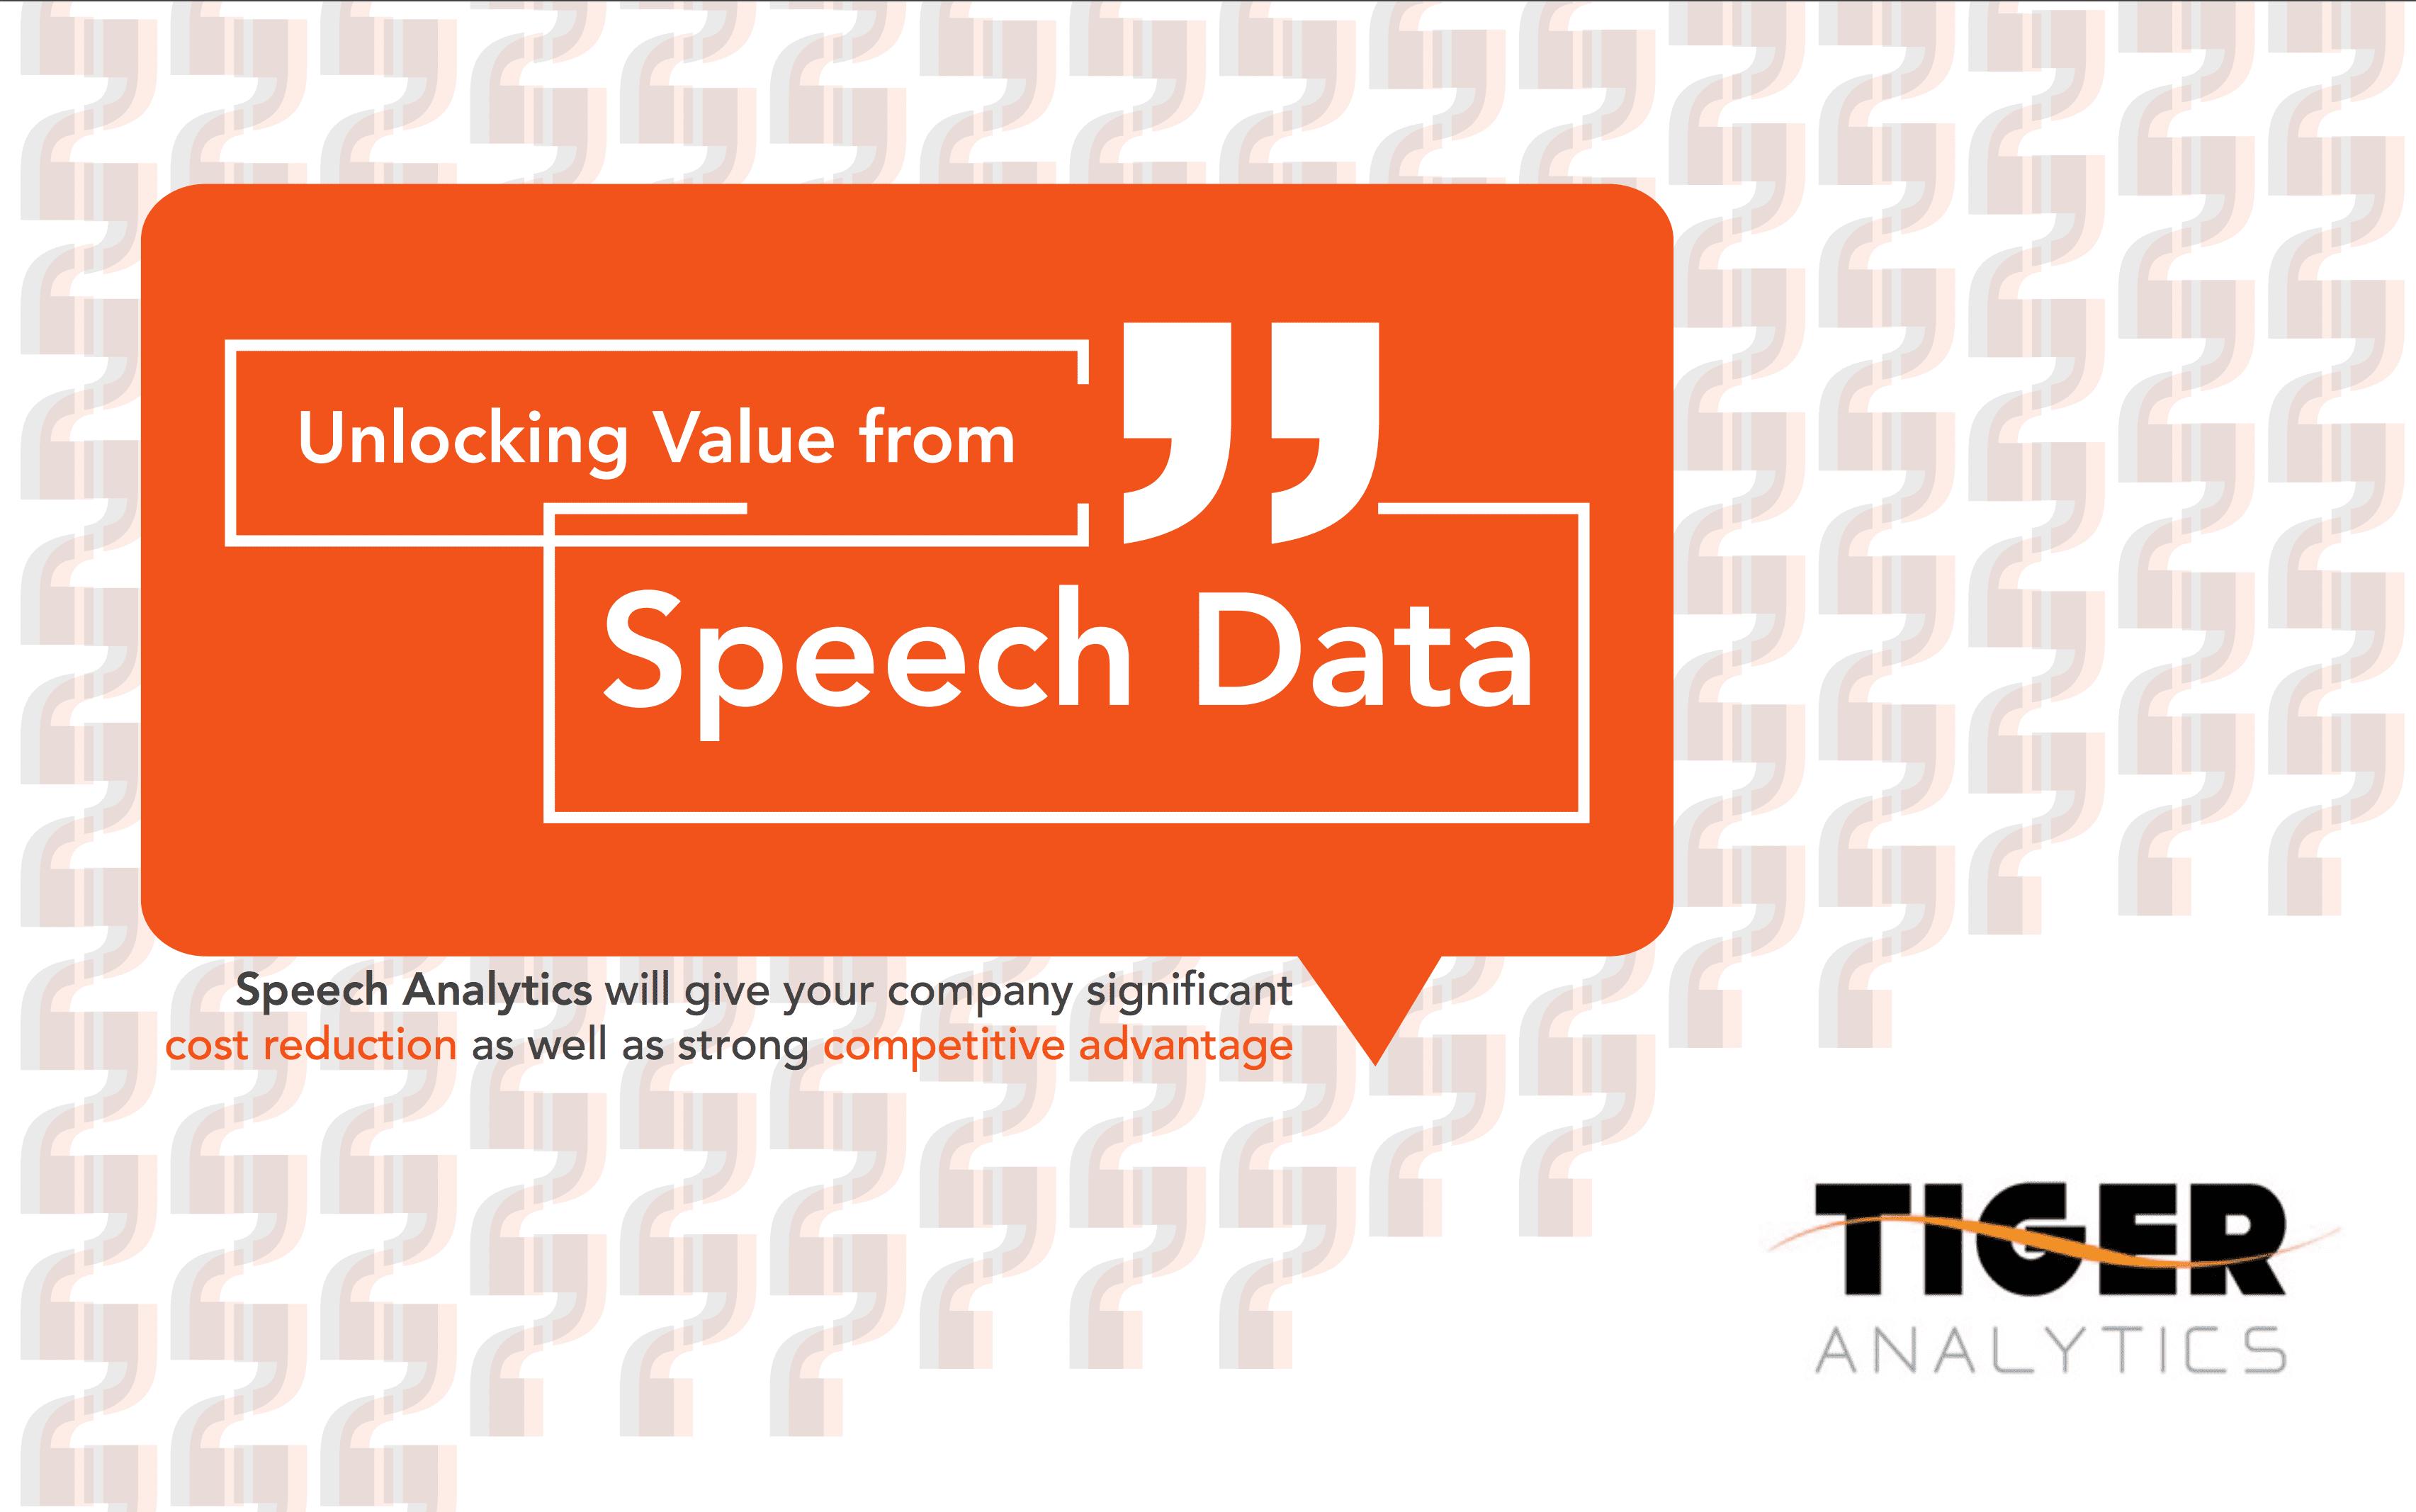 Unlocking Value from Speech Data